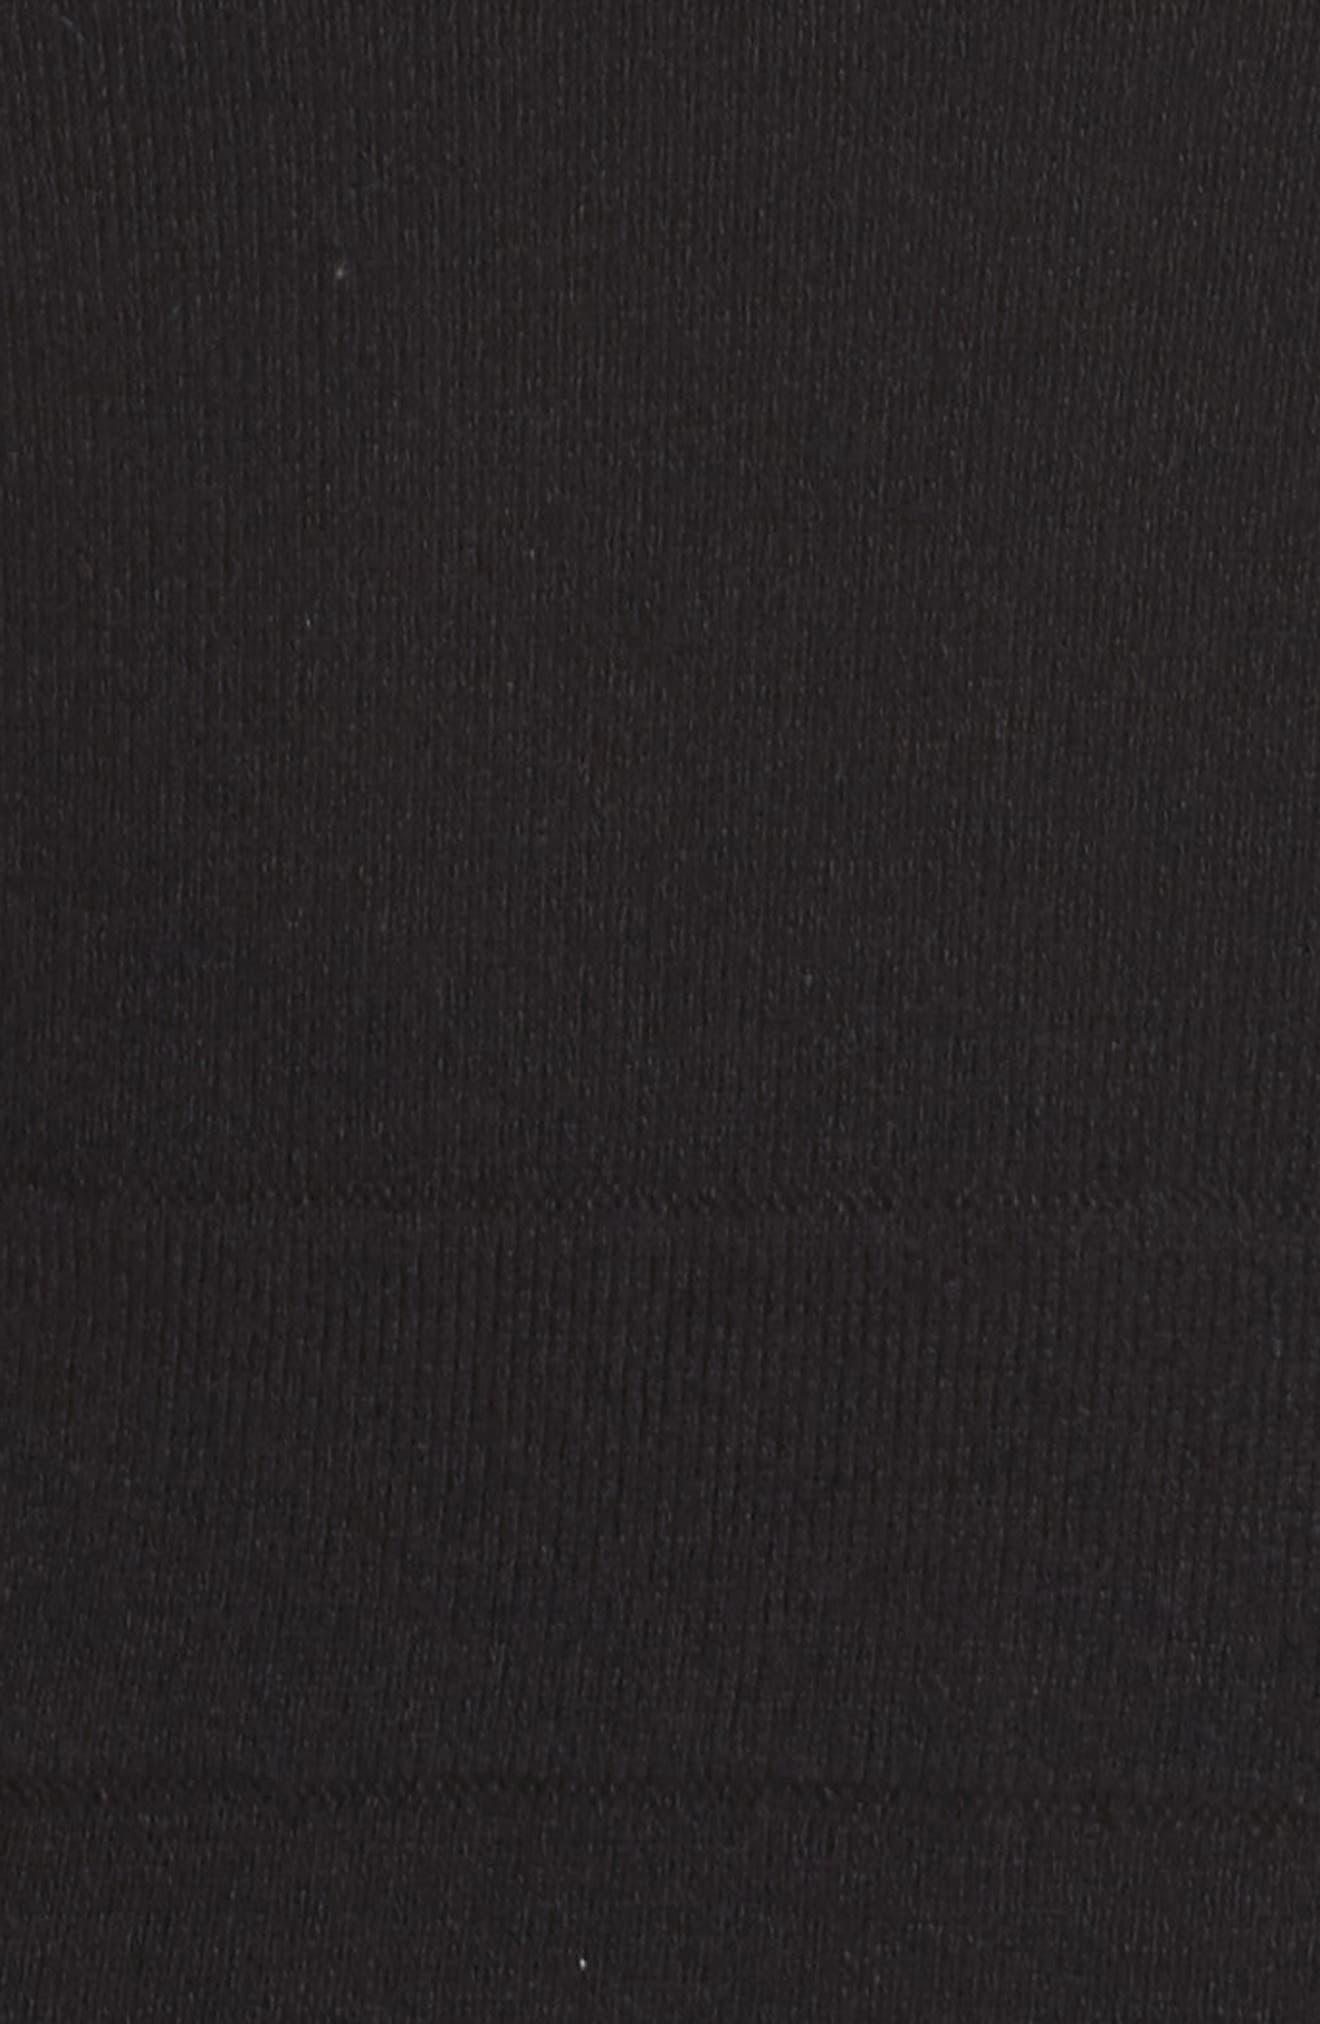 Scallop Trim Fit & Flare Dress,                             Alternate thumbnail 6, color,                             BLACK